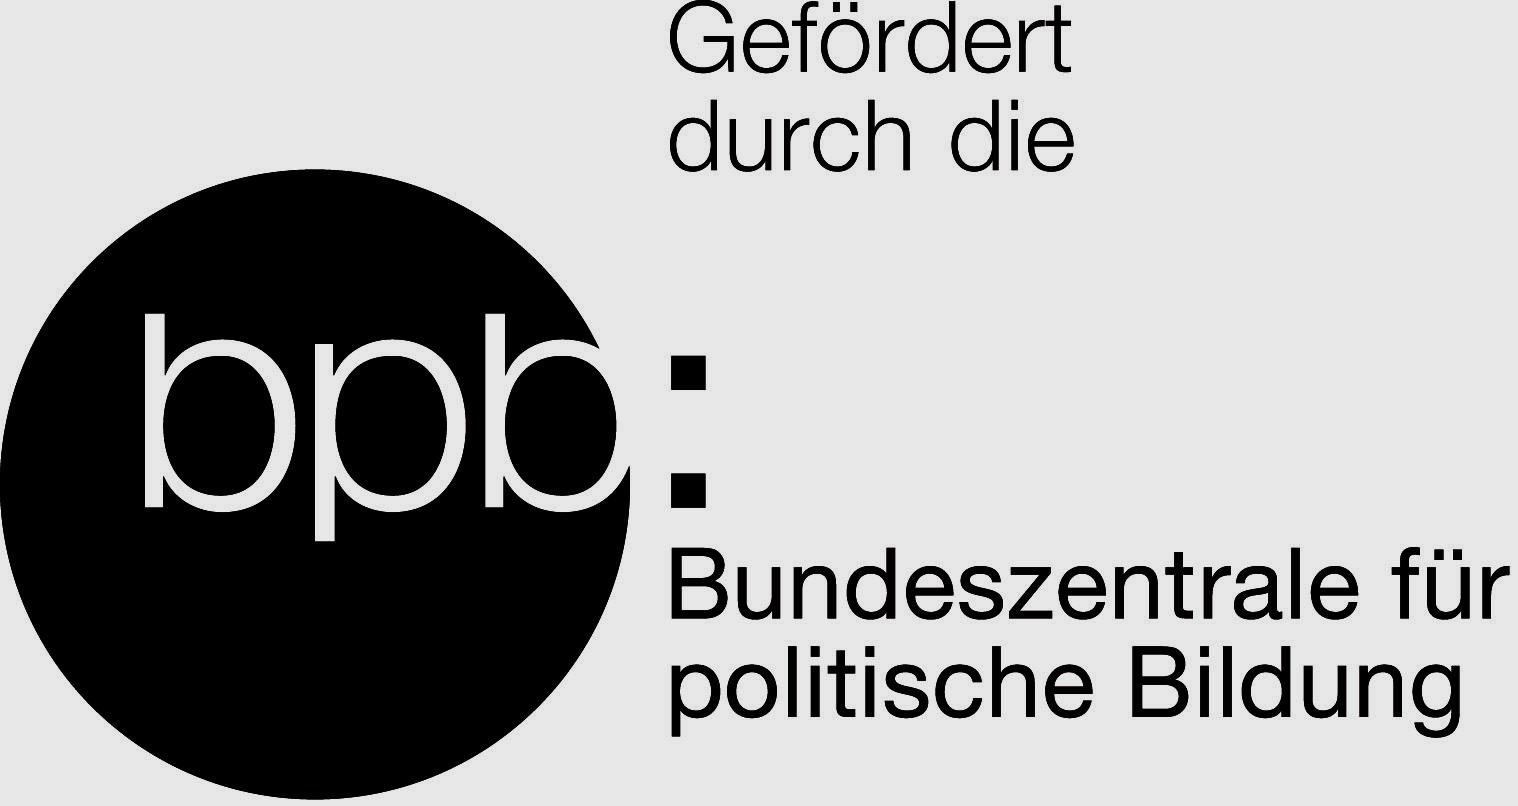 Bundeszentrale für politische Bildung (bpb)